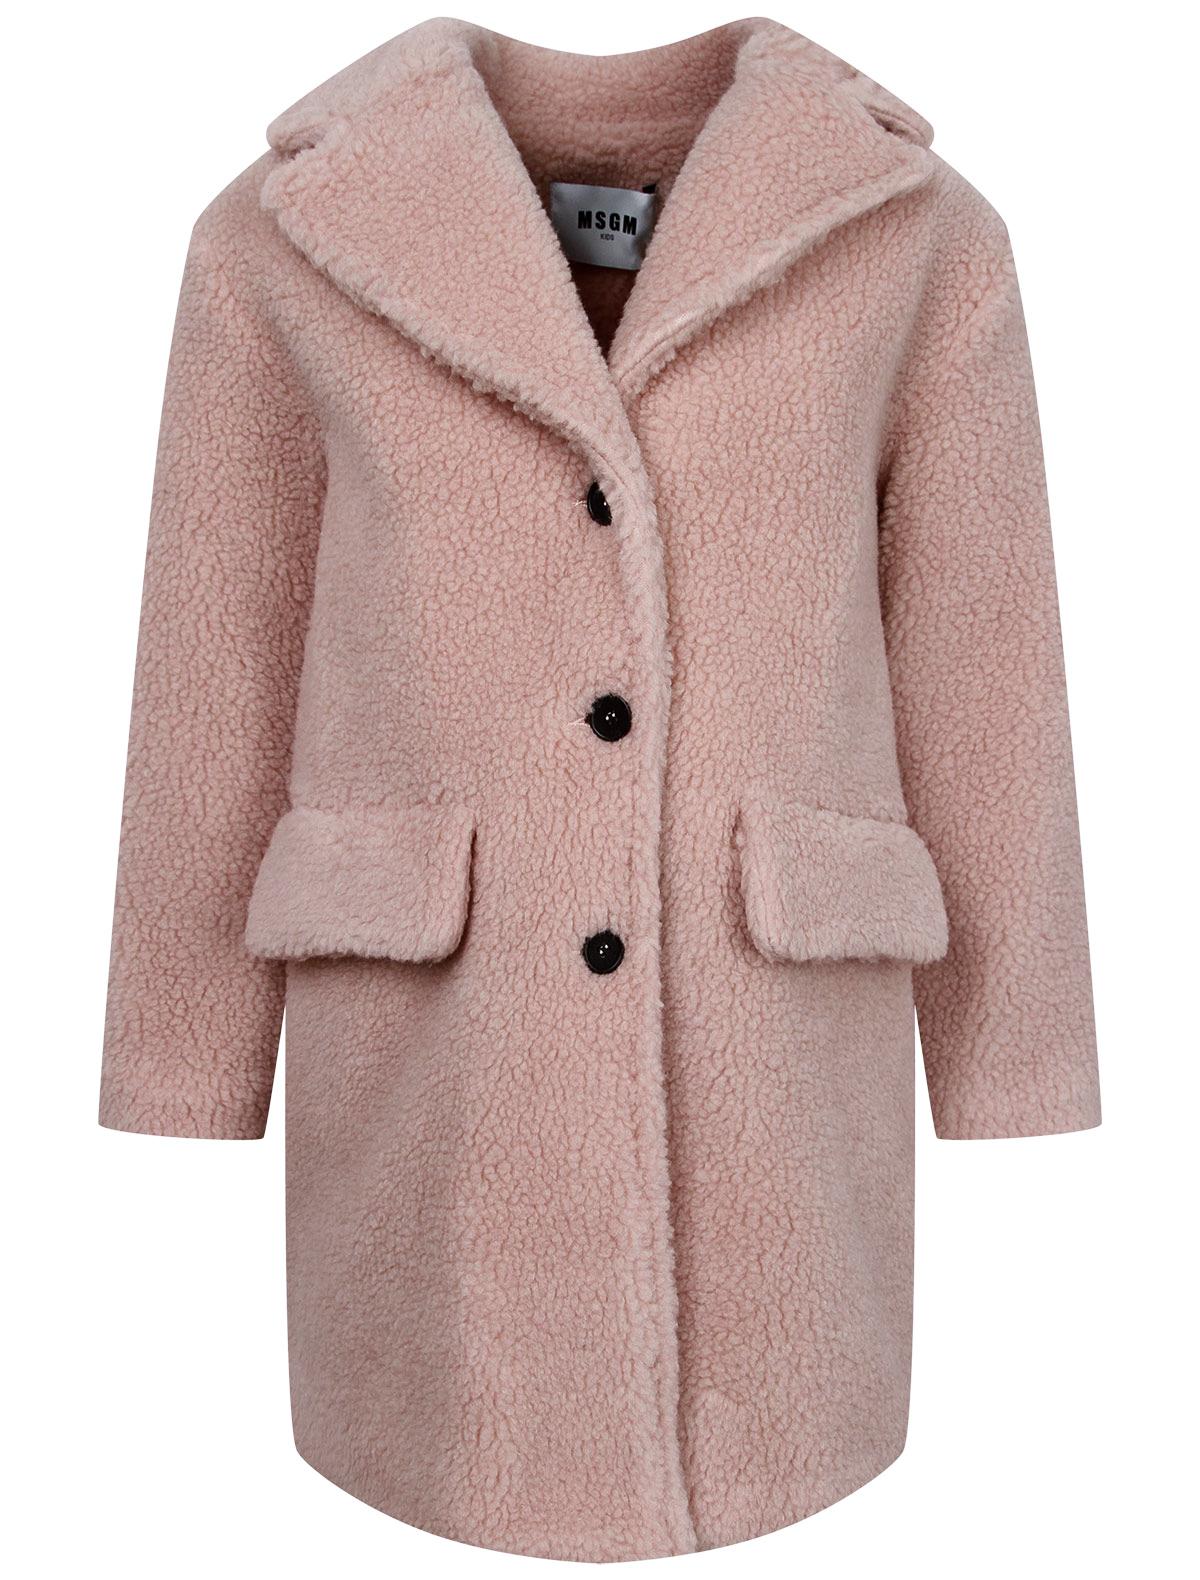 Купить 2243922, Пальто MSGM, розовый, Женский, 1124509082349